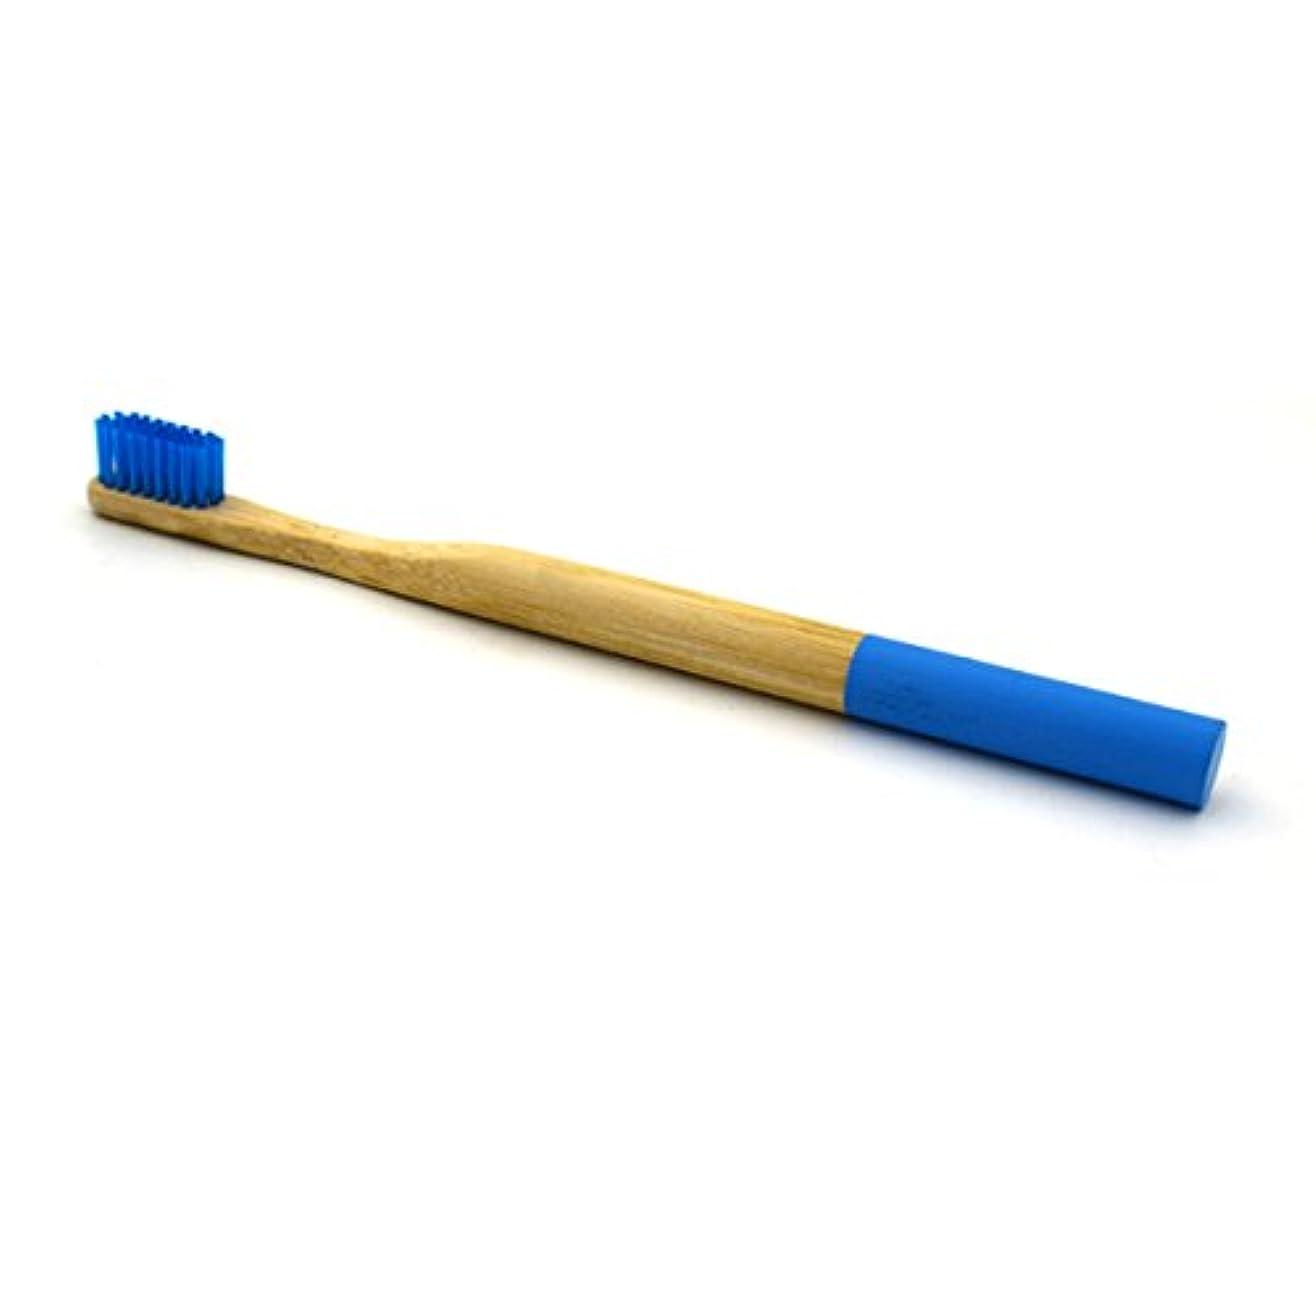 性格第二深遠HEALLILY 円形のハンドルのEcoの友好的で柔らかい剛毛の歯ブラシが付いている2 PCS自然なタケ歯ブラシ